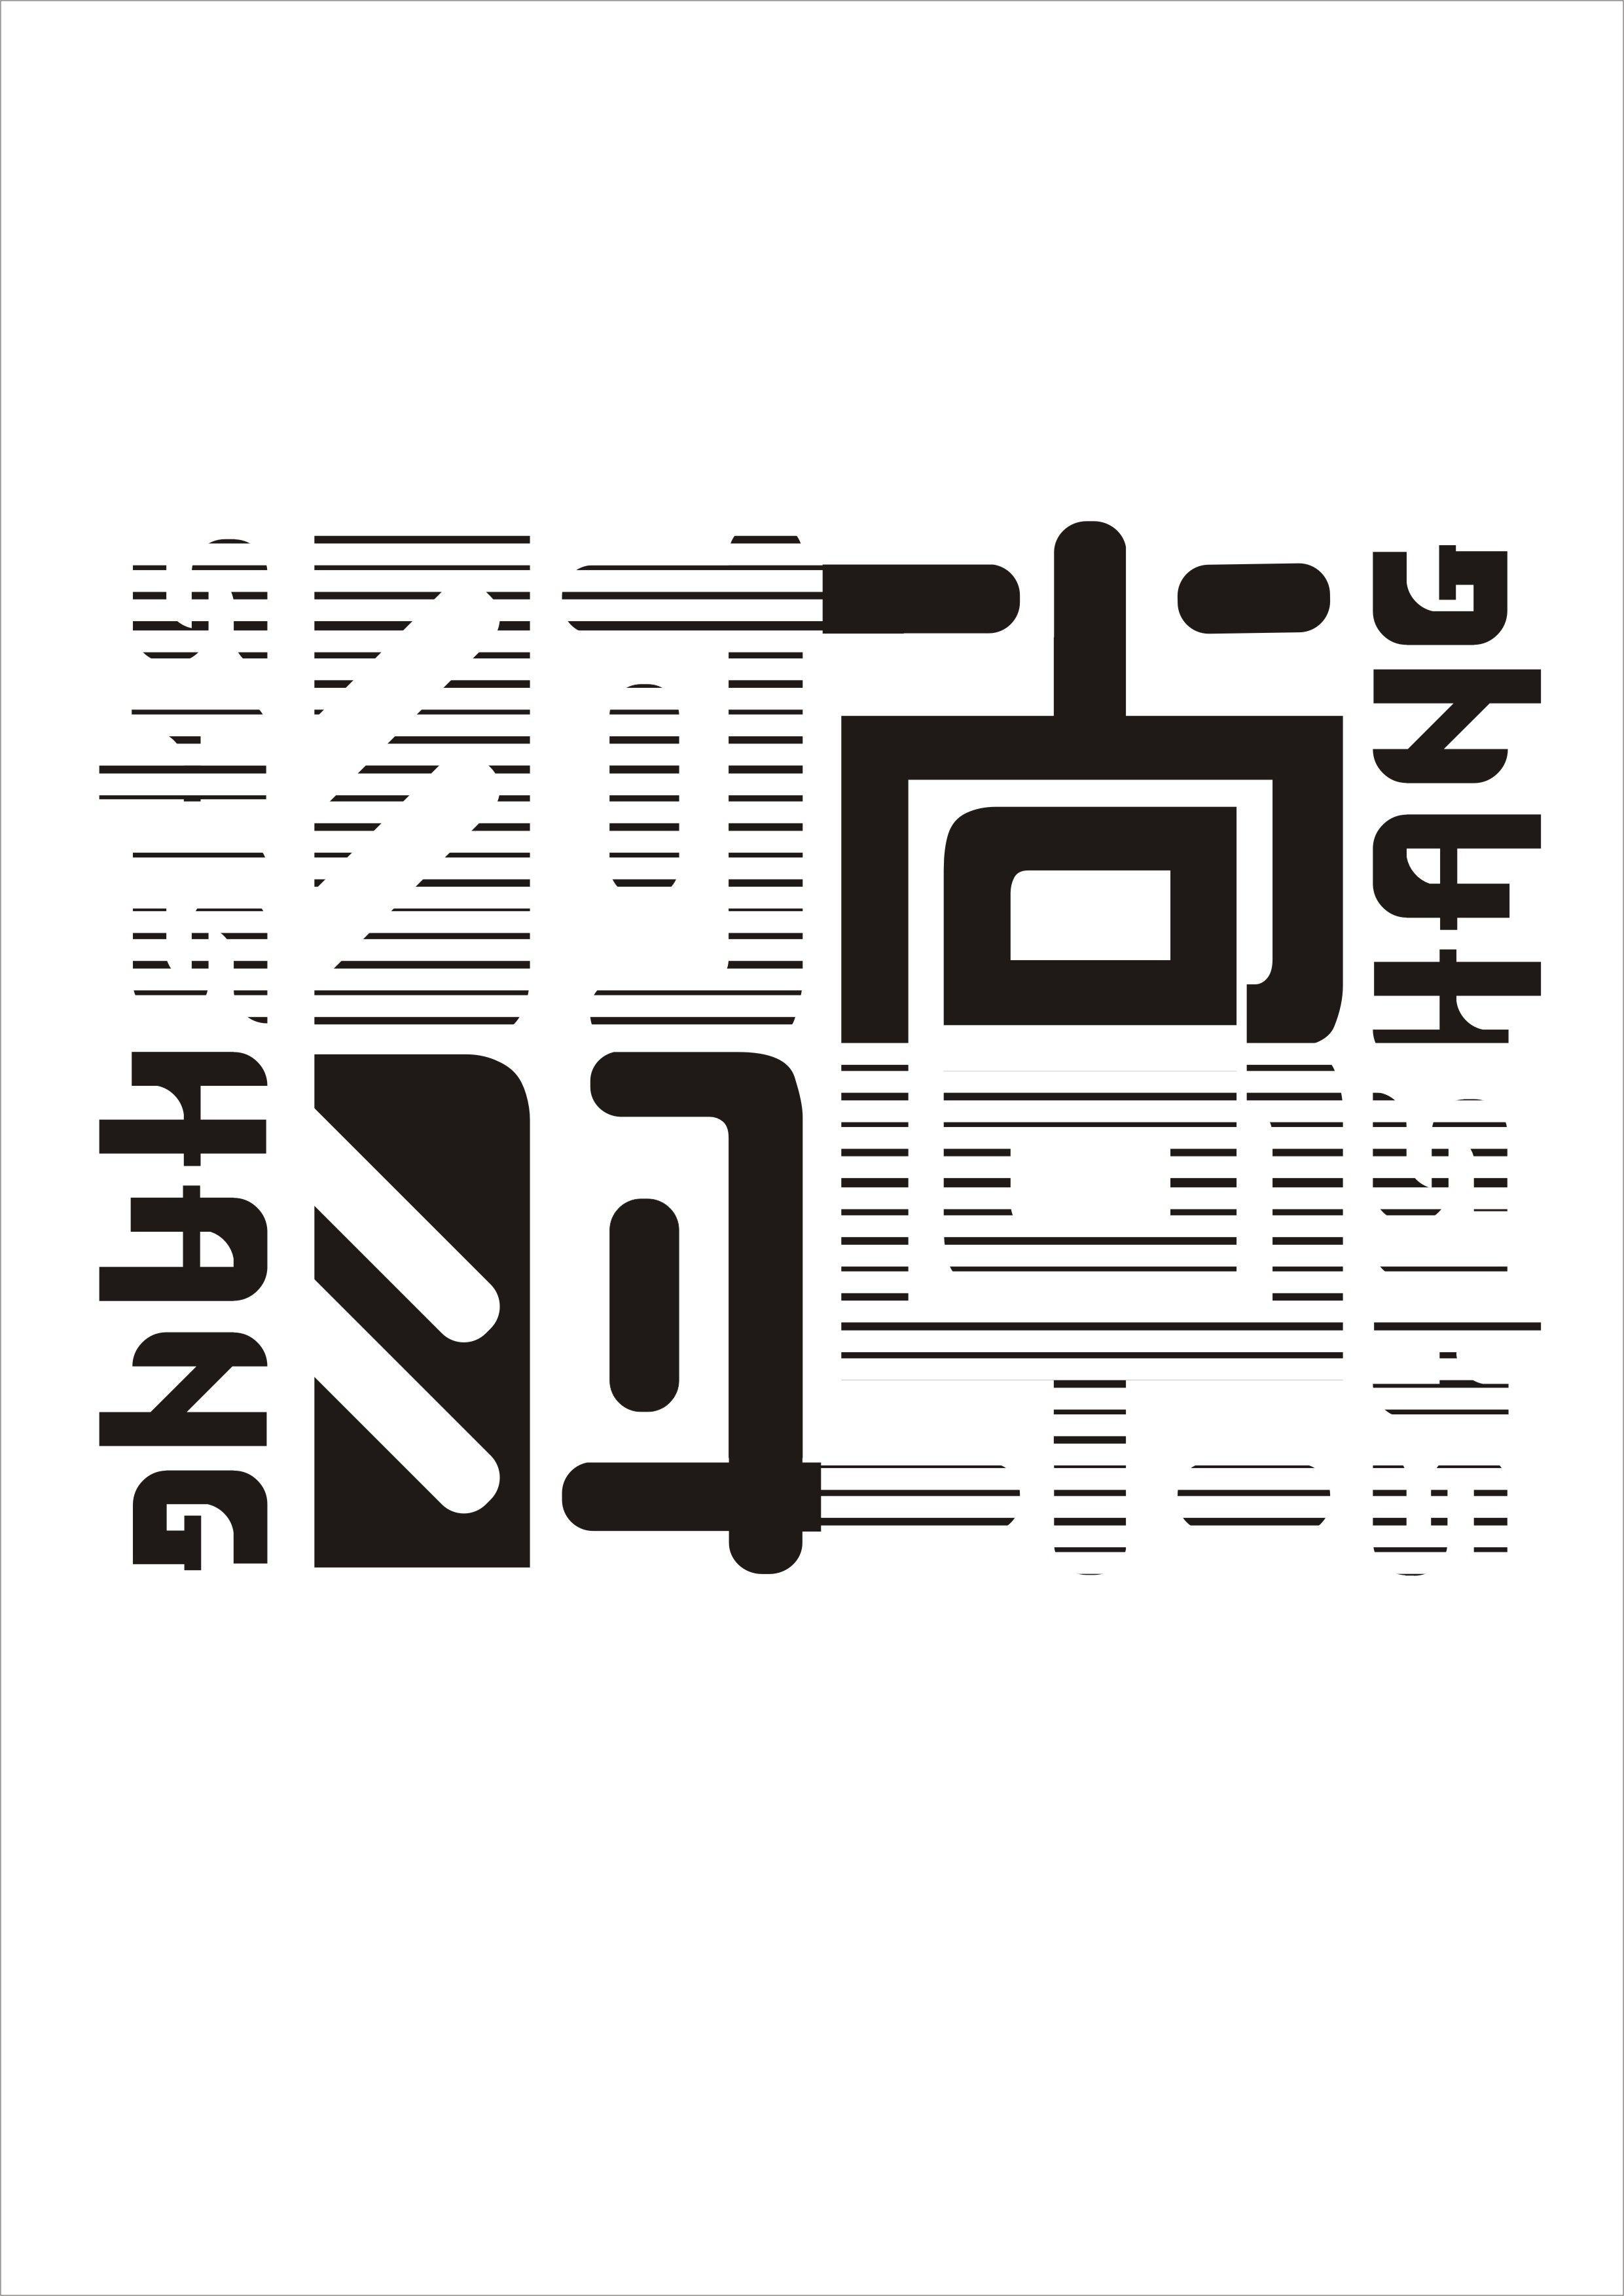 时尚字体设计_娱乐前线一拿到前线两字就很想把它做得幸